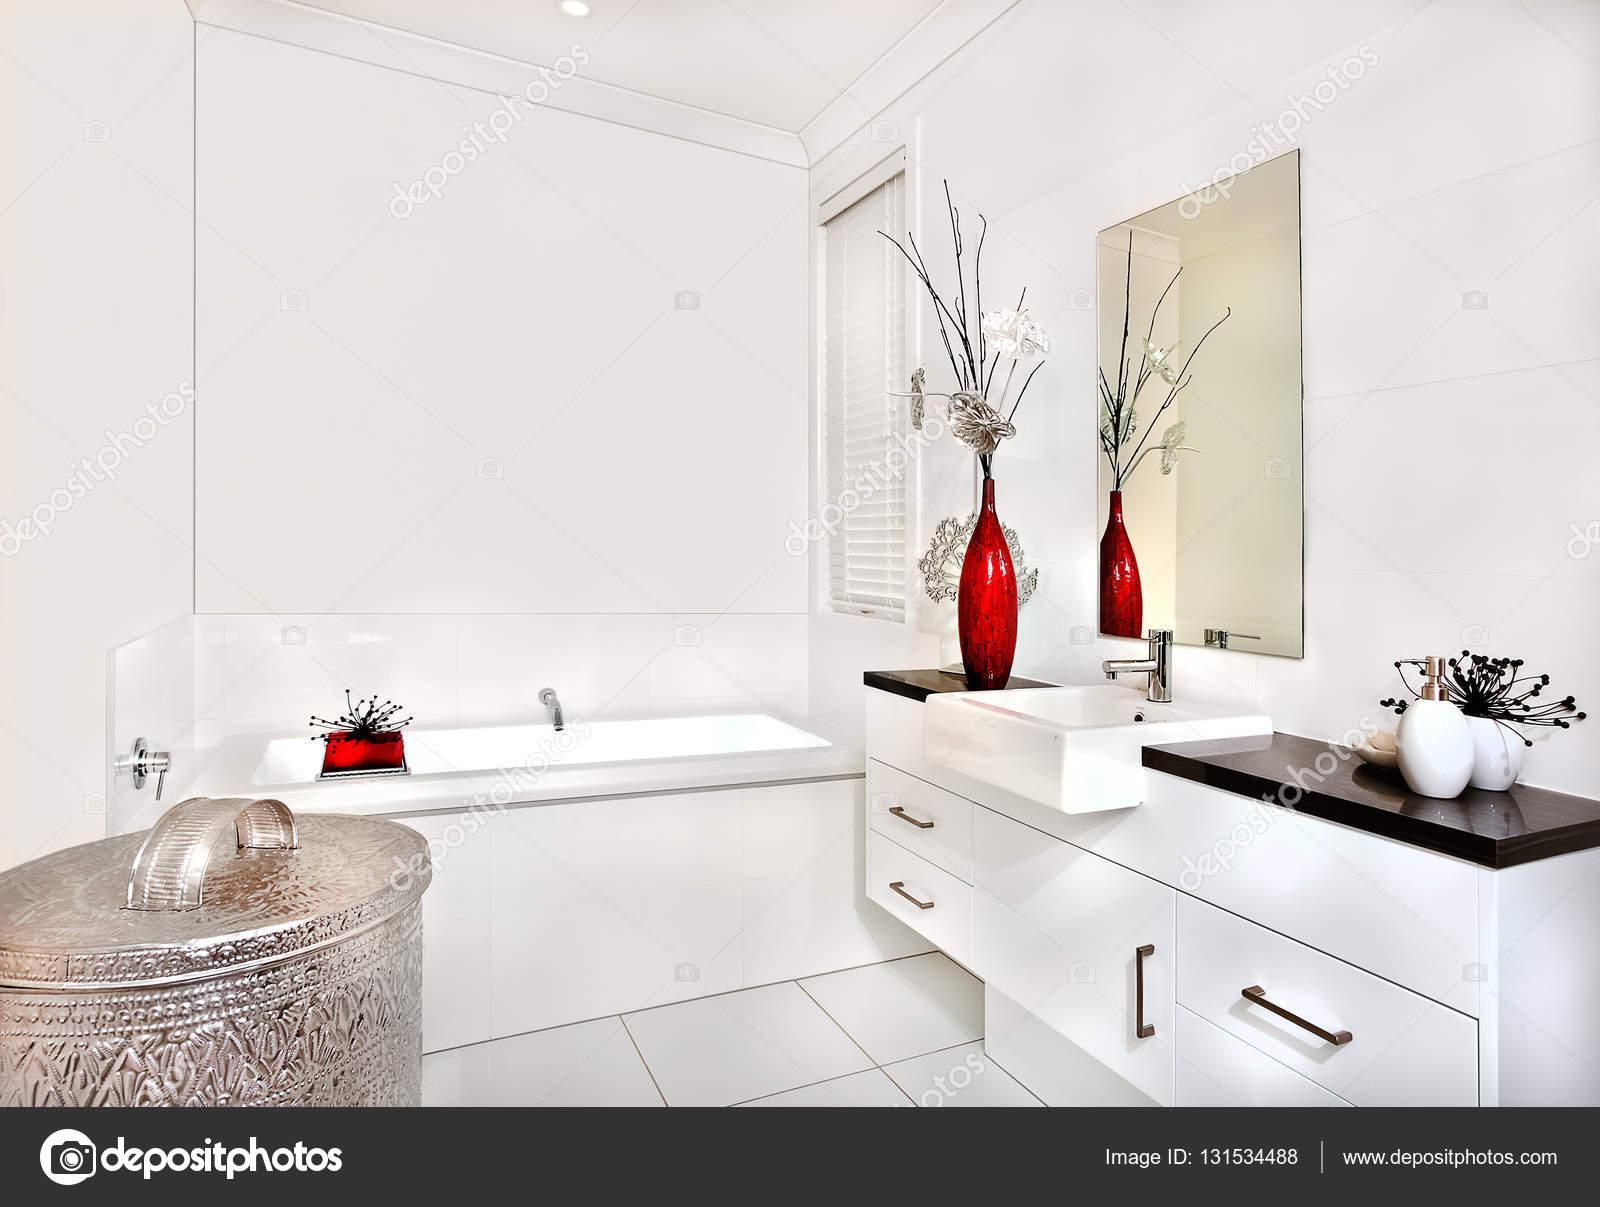 Vasca Da Bagno Non Scarica : Bagno con vasca da bagno e interni di casa moderna o hotel u foto